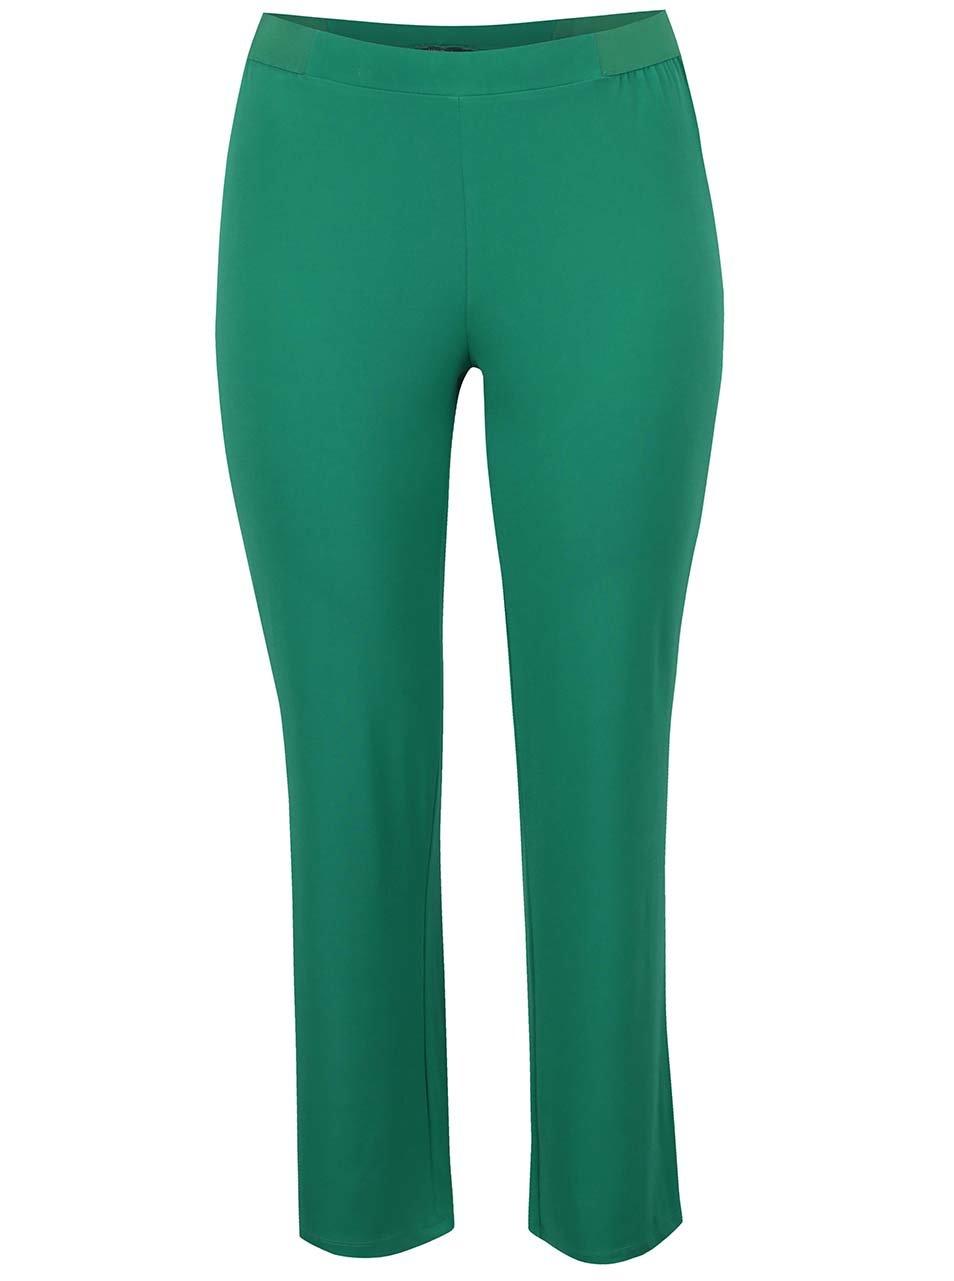 Zelené elastické kalhoty s pružným pasem Ulla Popken